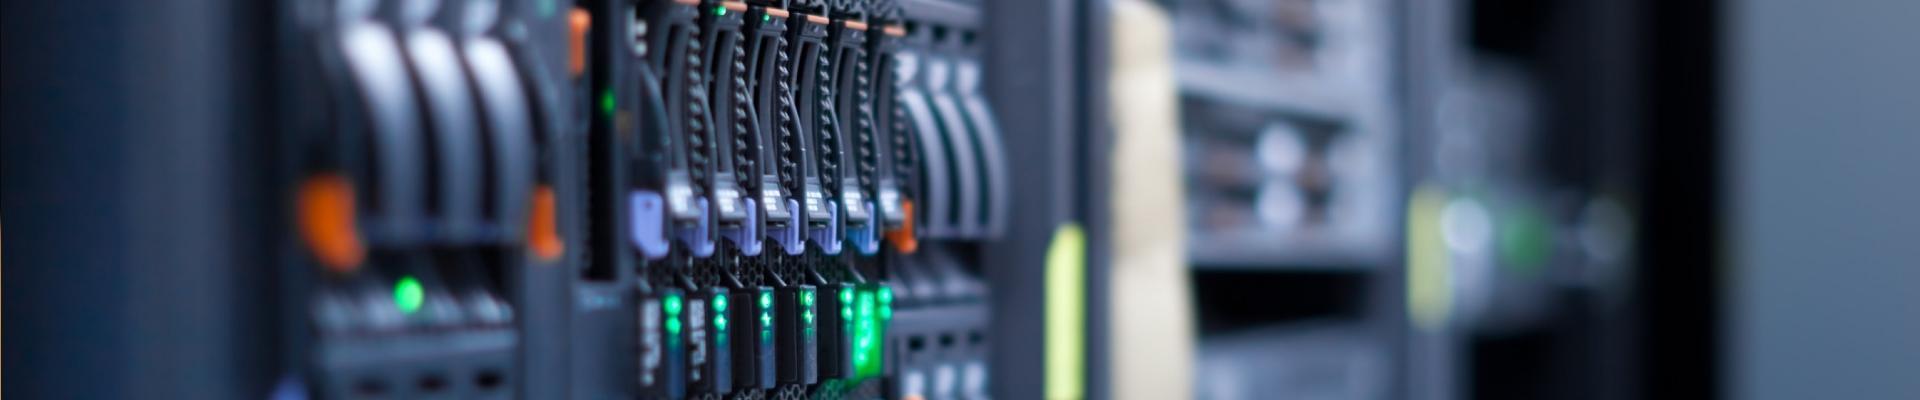 infrastruttura-it-virtualizzazione-ithesia